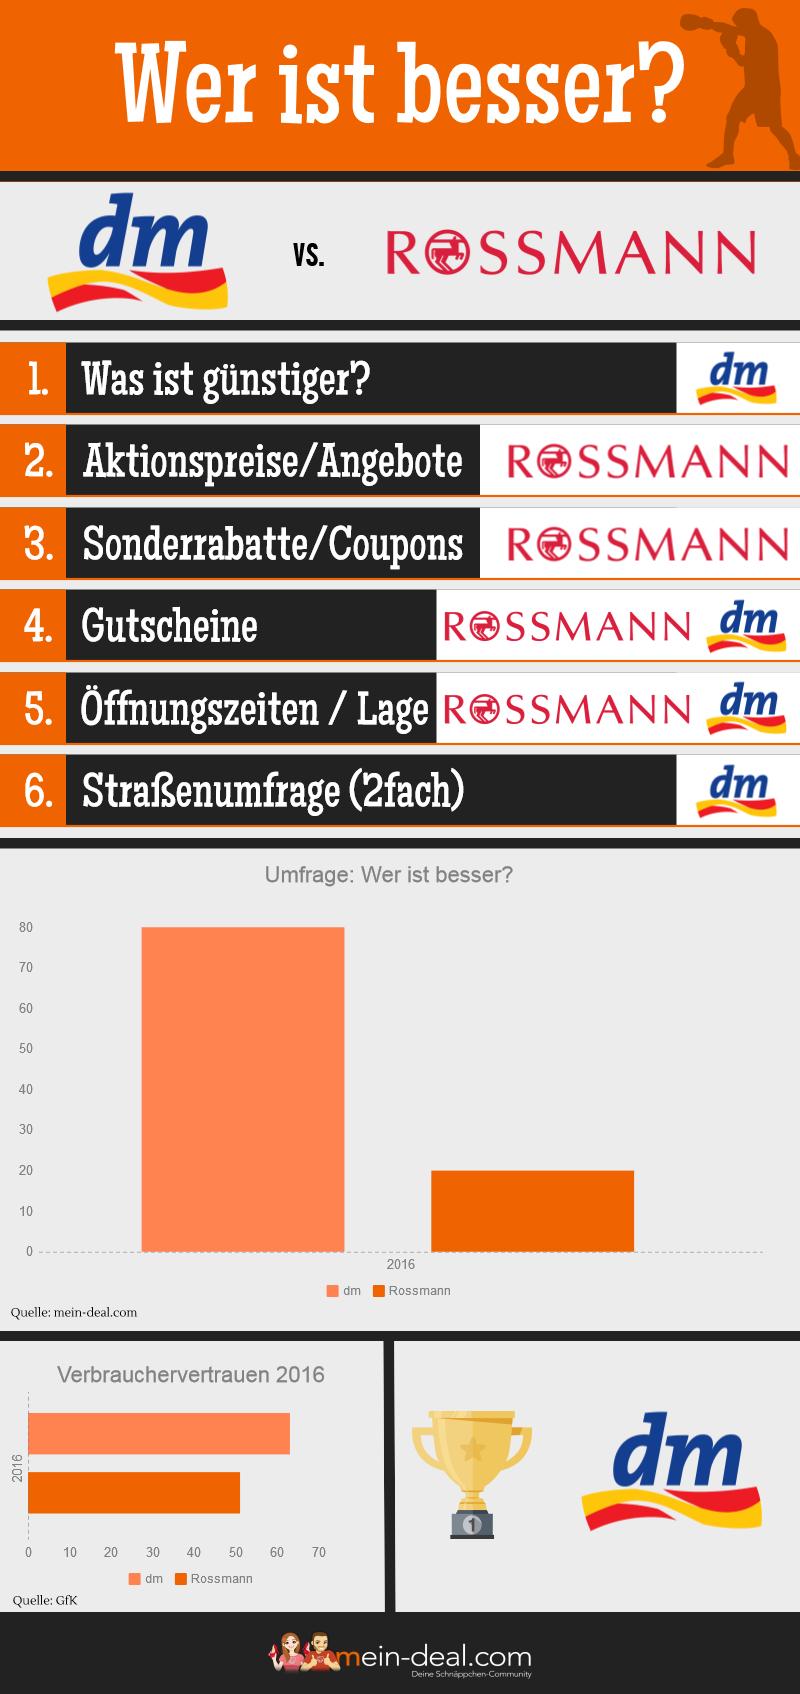 Infografik zur Fragestellung: Wer ist besser, dm oder Rossmann?